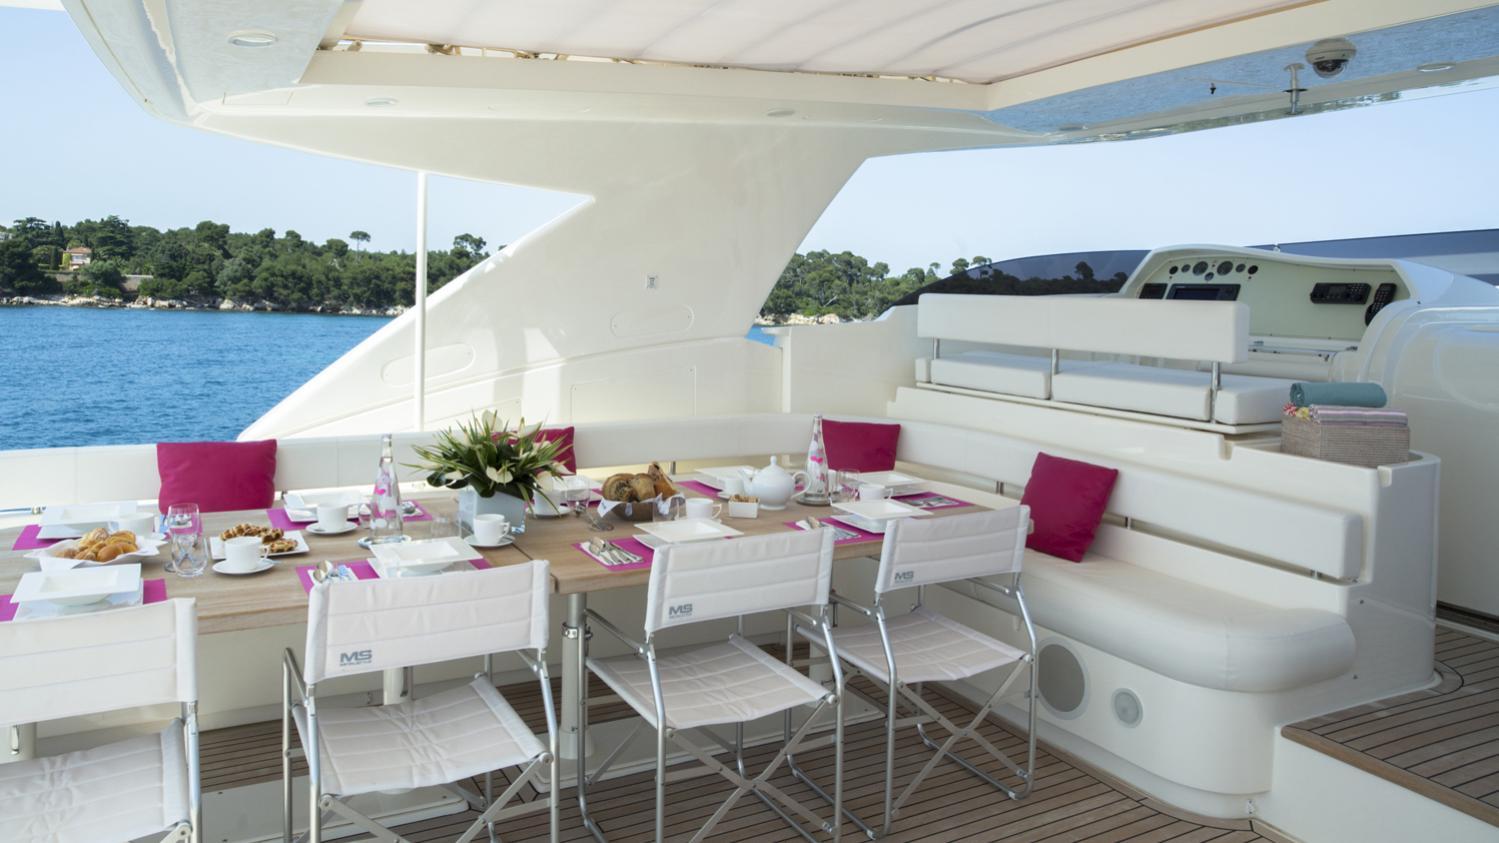 sans-abri-yacht-flybridge-dining